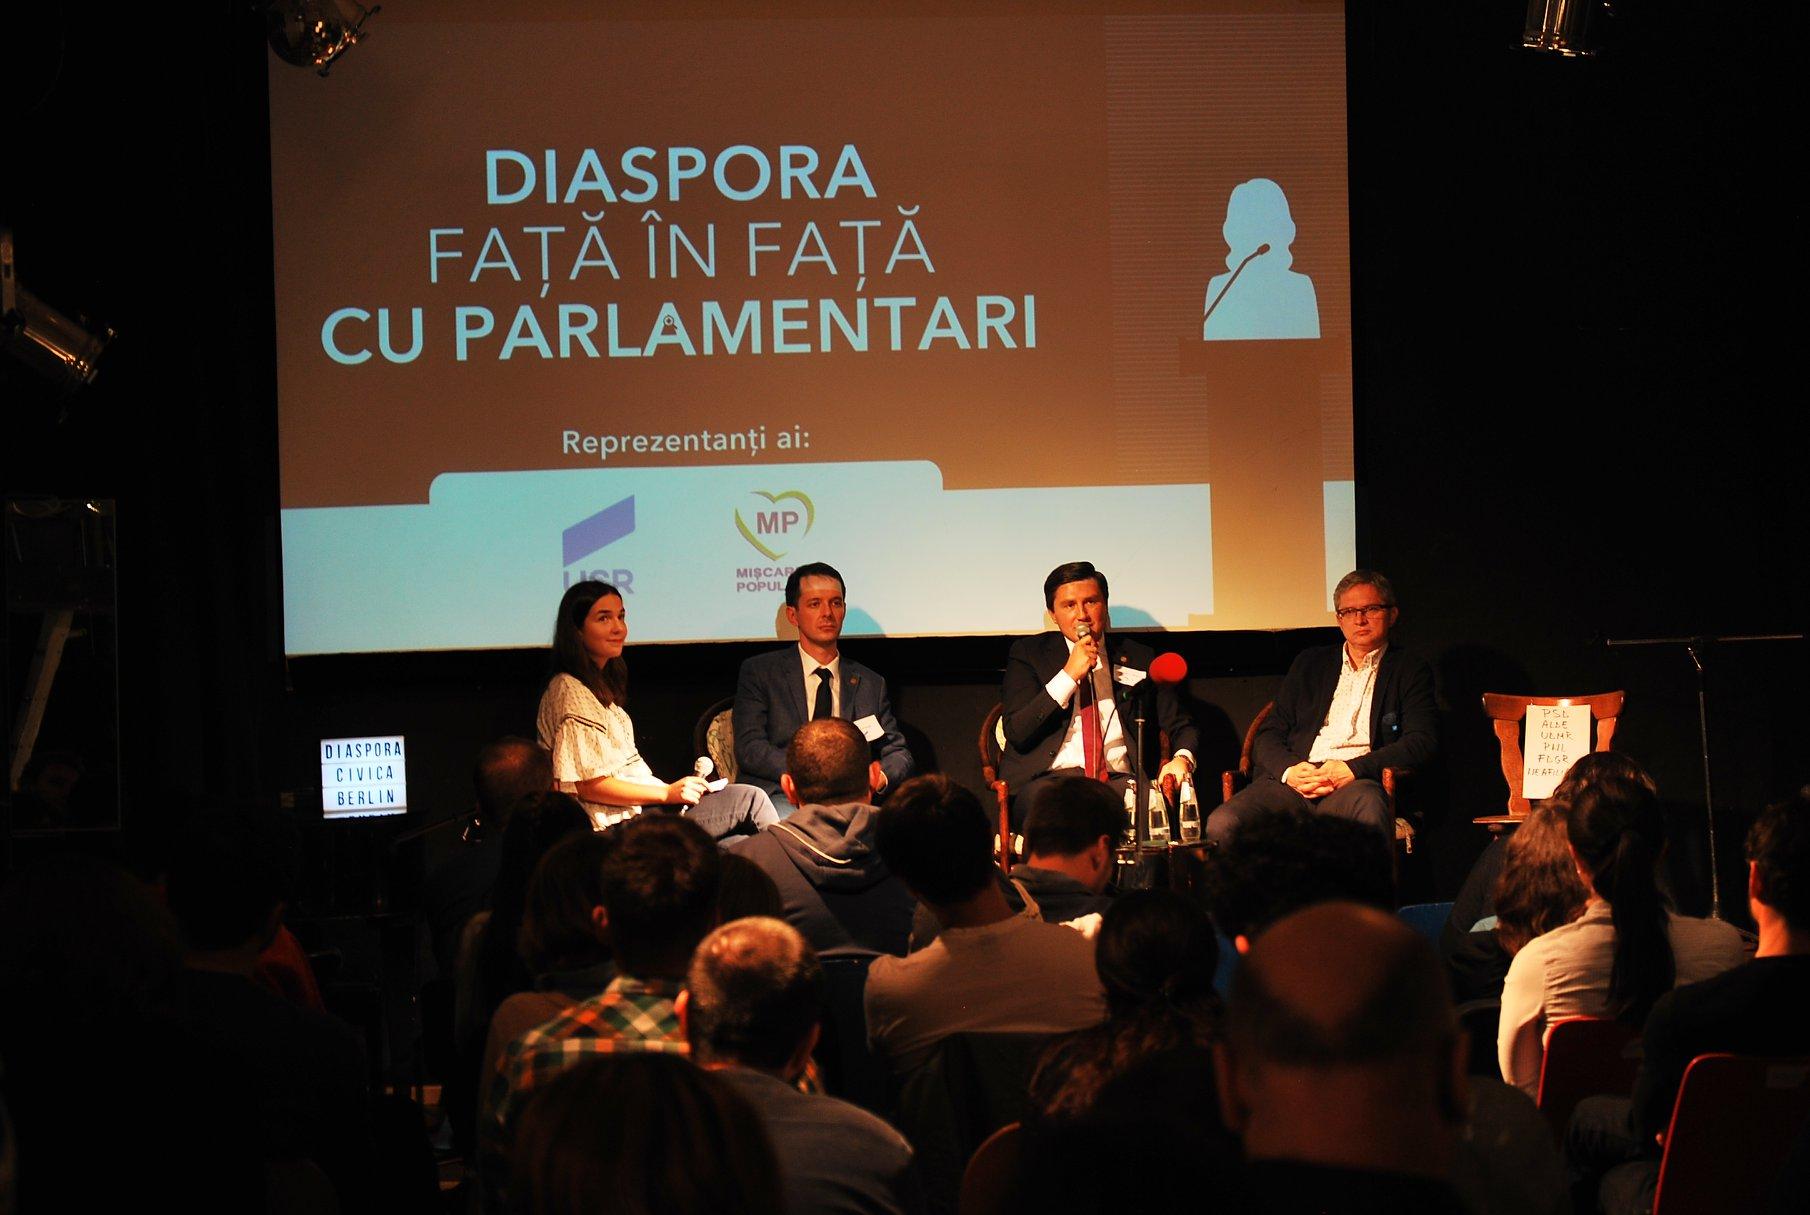 Diaspora-Civica-Berlin_Fata-in-fata-cu-parlamentari_2018